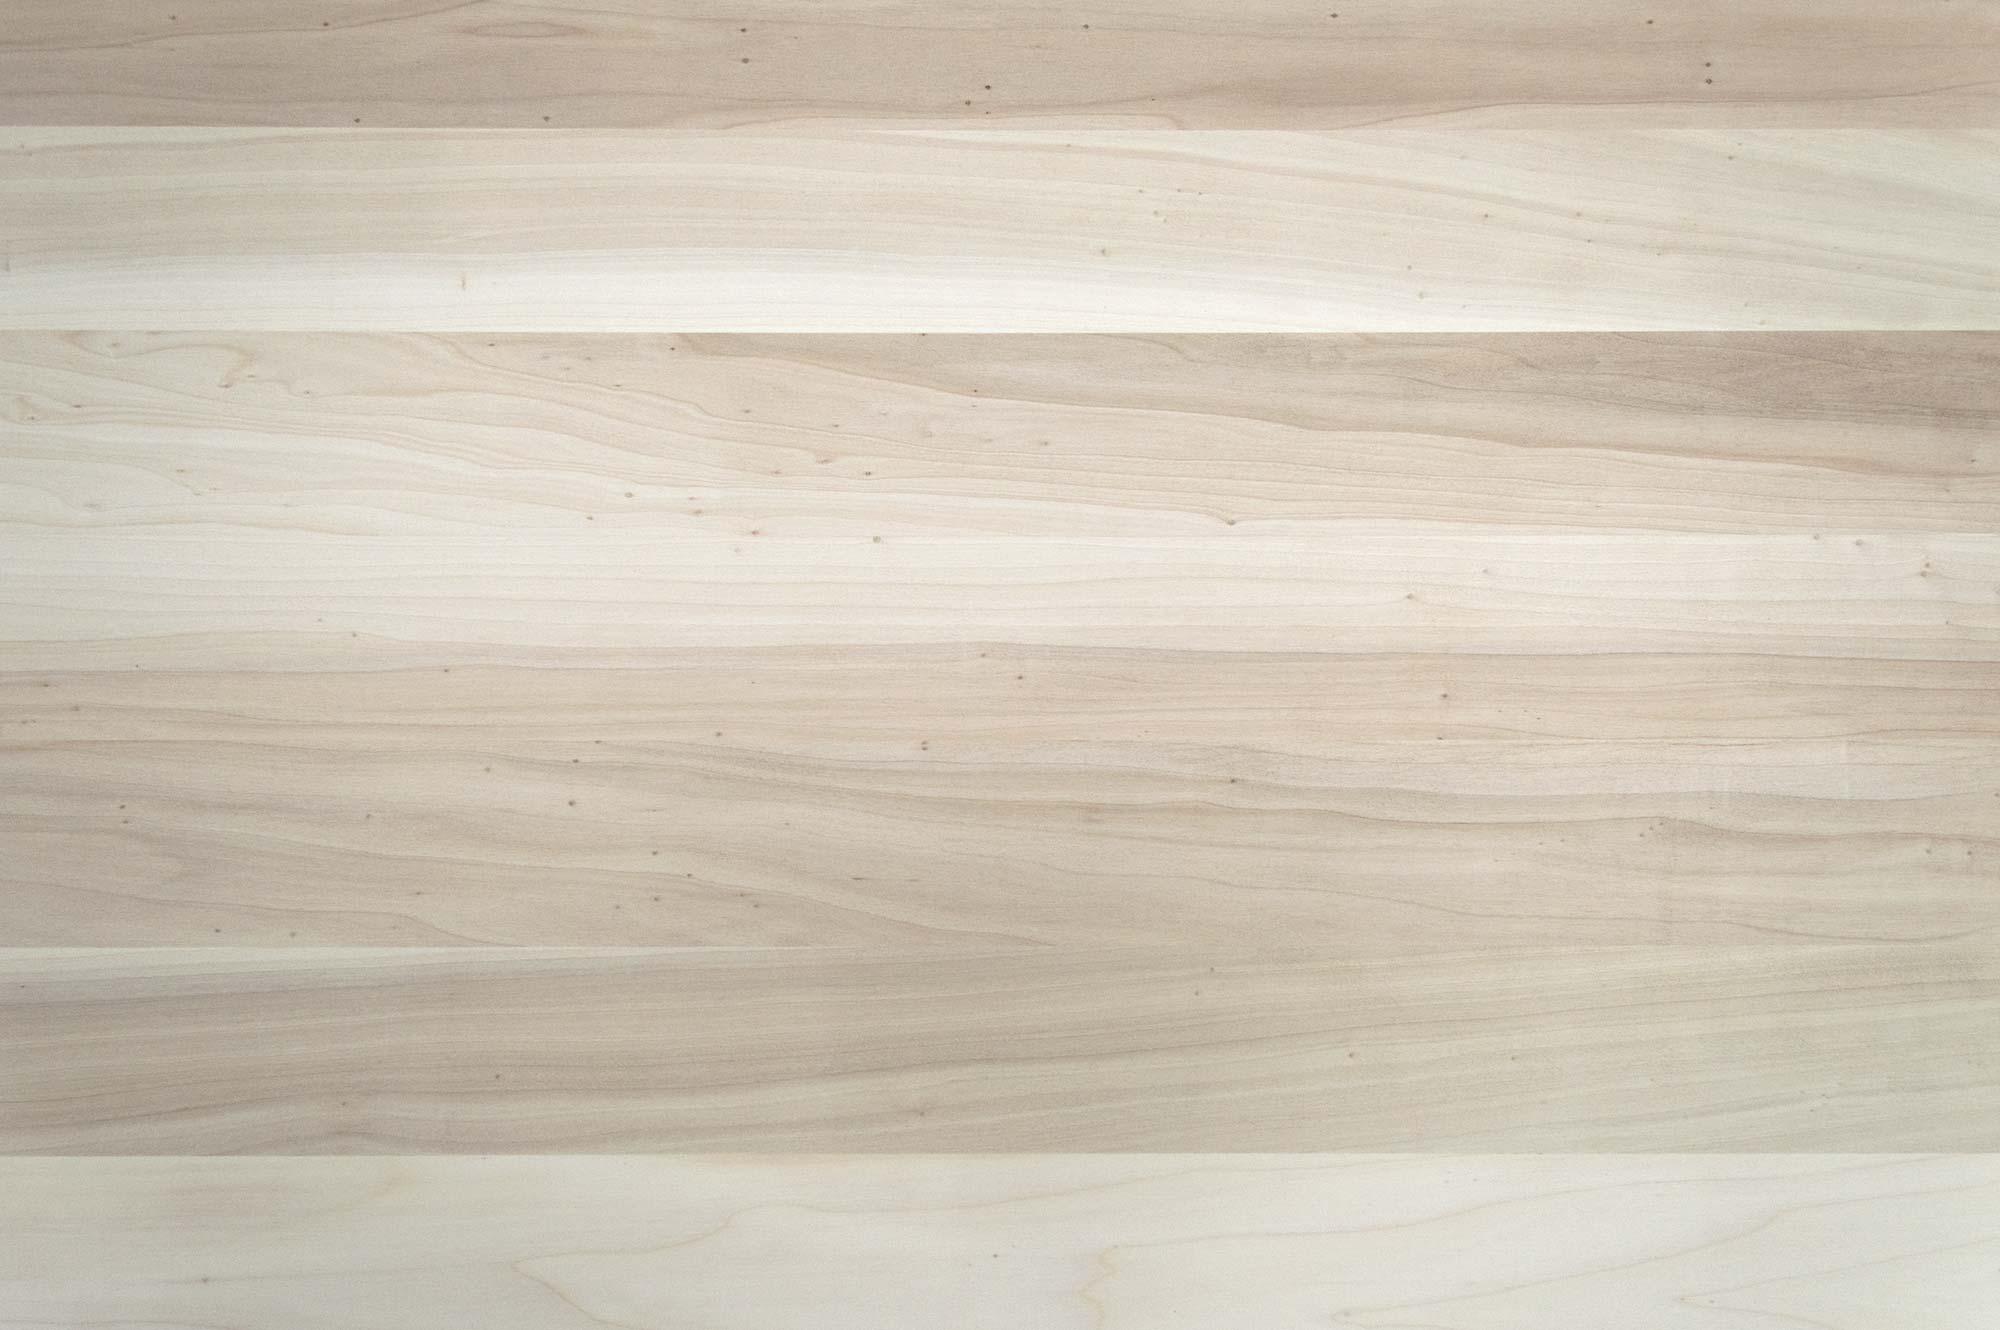 Pannelli Legno Senza Formaldeide pannelli lamellari pioppo monostrato - legnolinea benetazzo